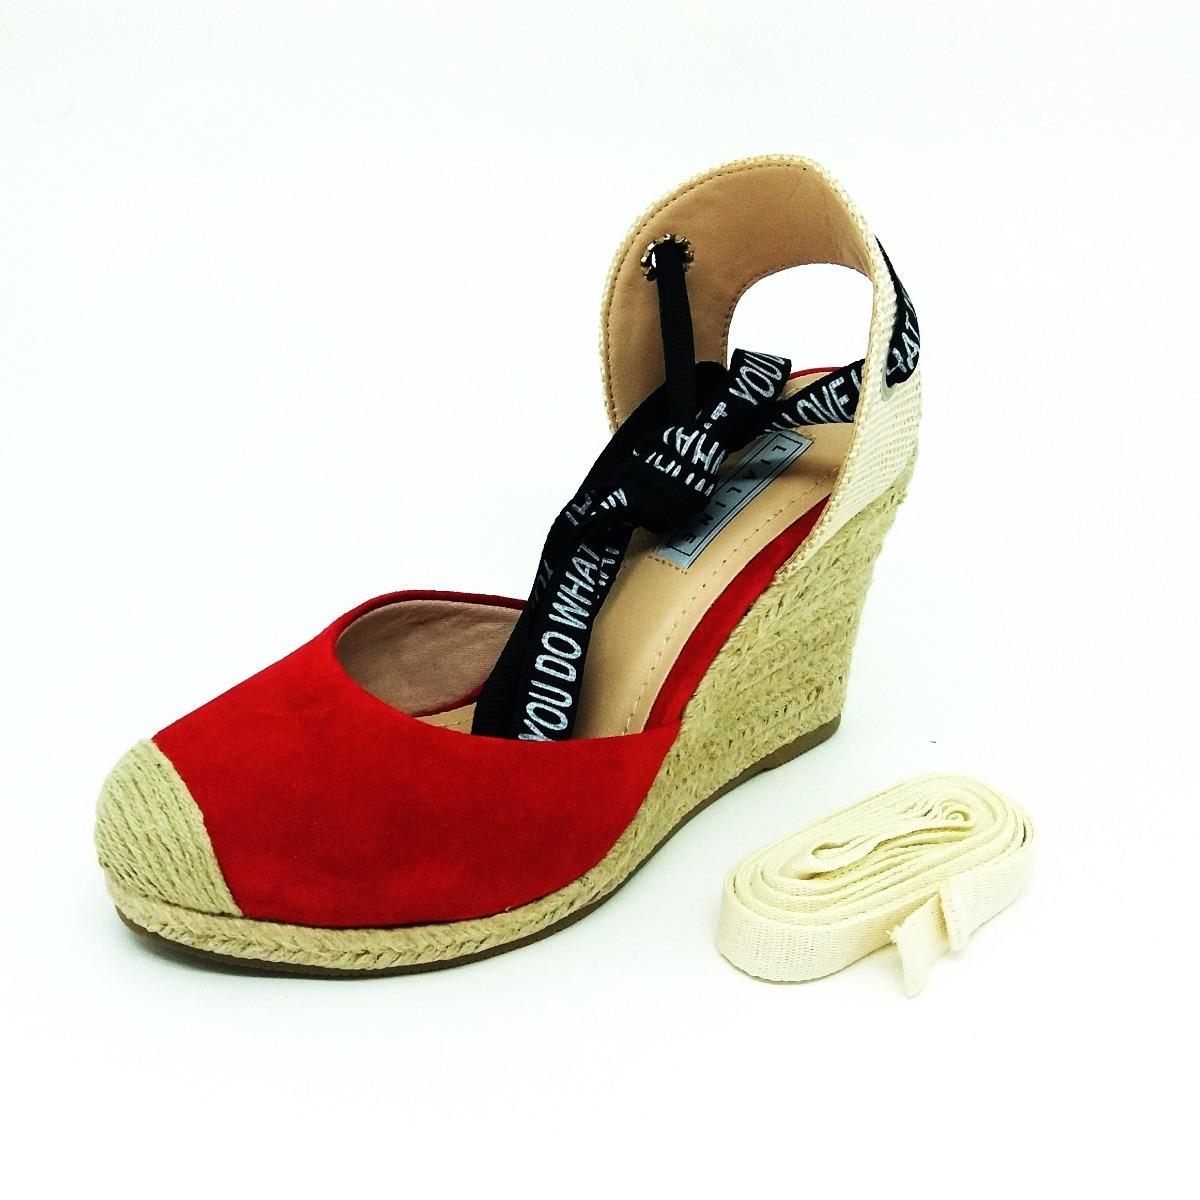 122a2fc8b sandália anabela feminina tamanco vermelho lialine por li&ca. Carregando  zoom.